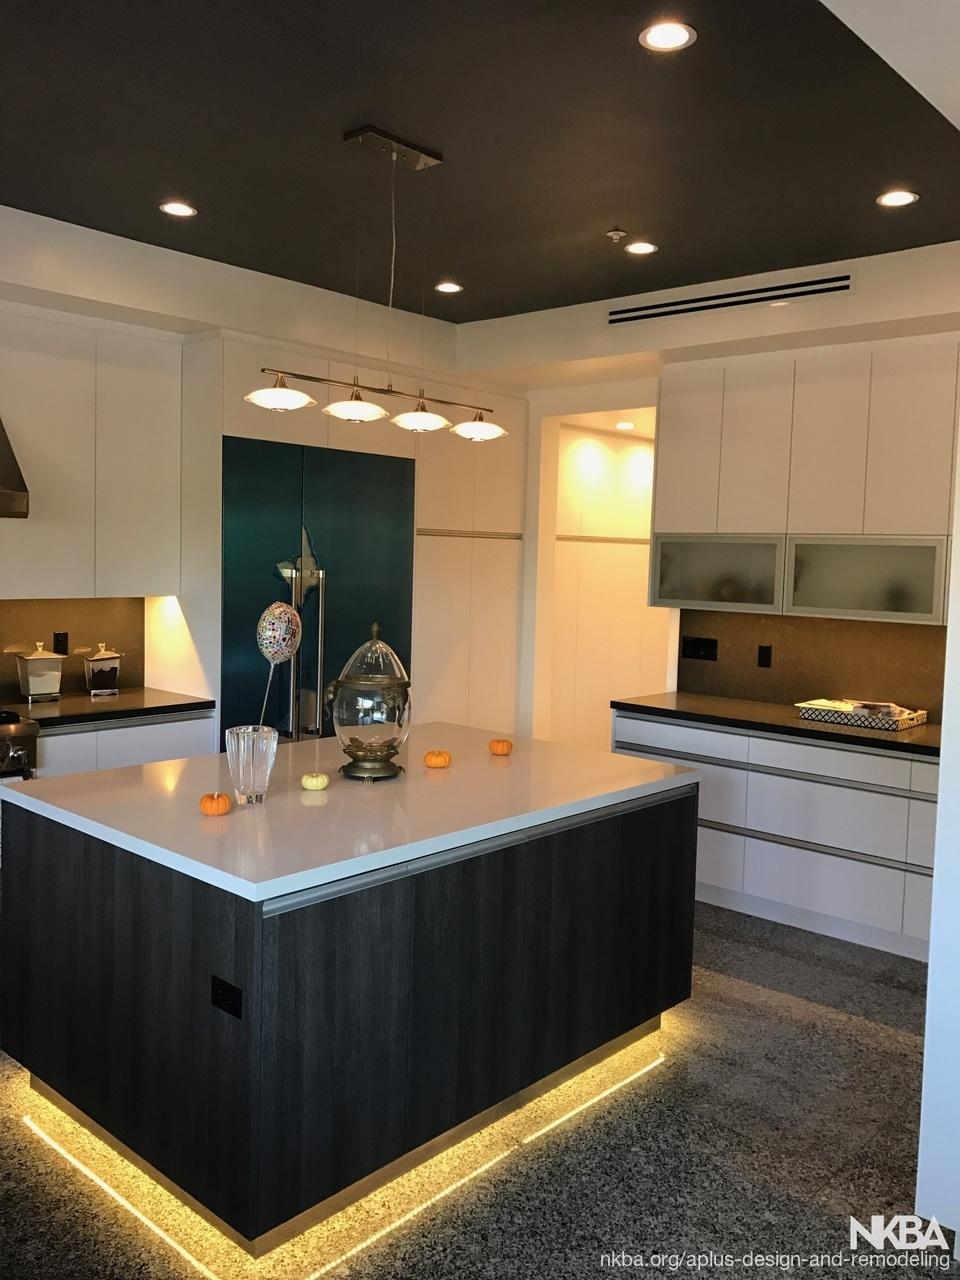 kitchen remodel in glendale - nkba